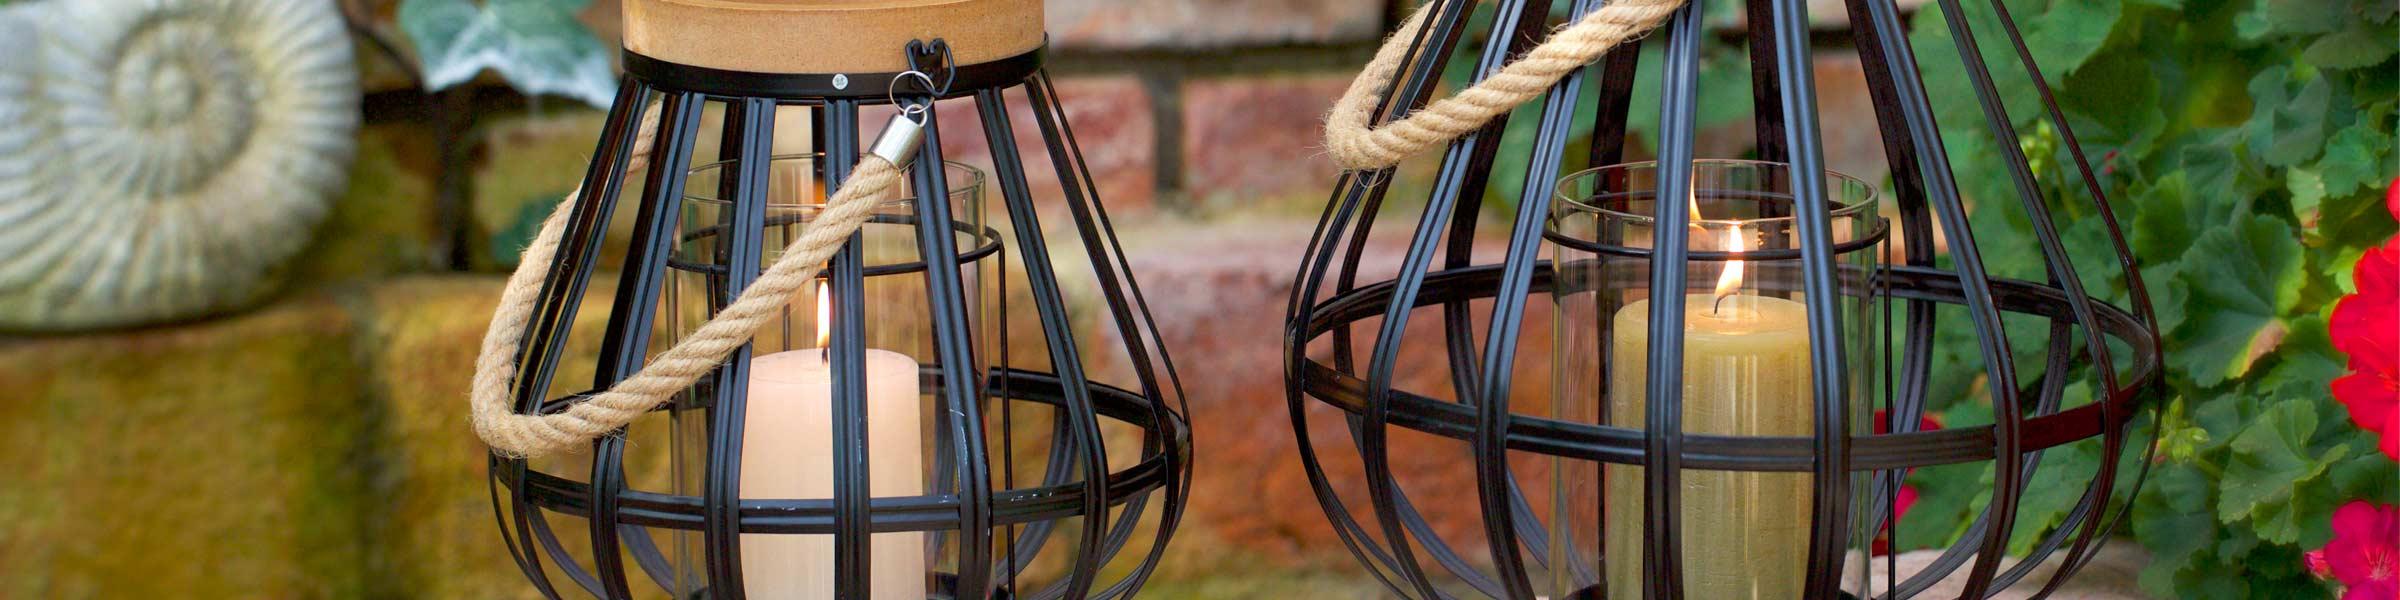 Dekoleuchten Fur Garten Balkon Online Kaufen Dehner